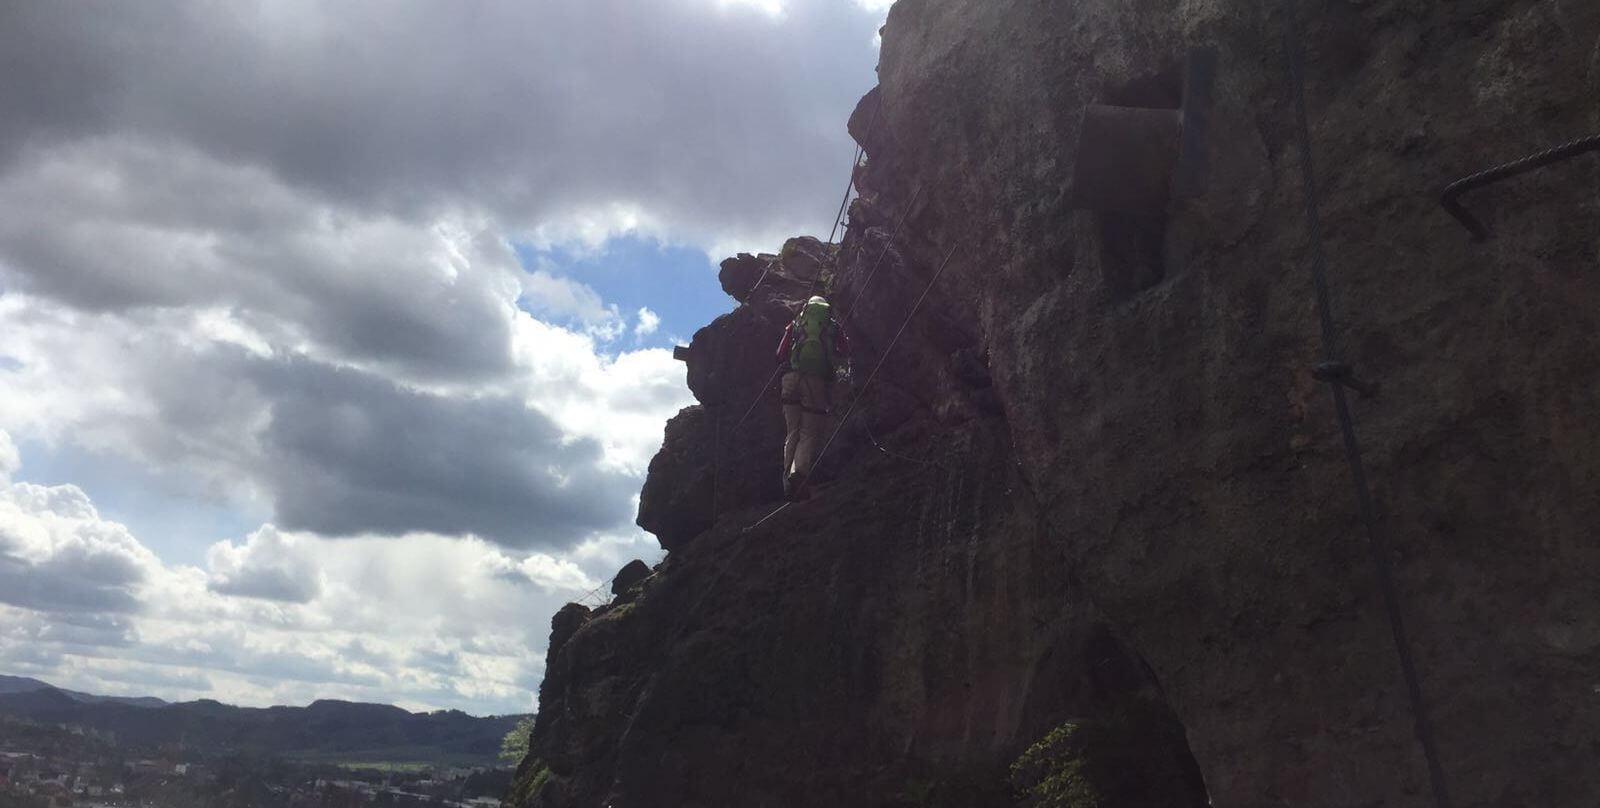 Klettersteig Decin : Dezin u ein geheimtipp als trainings klettersteig